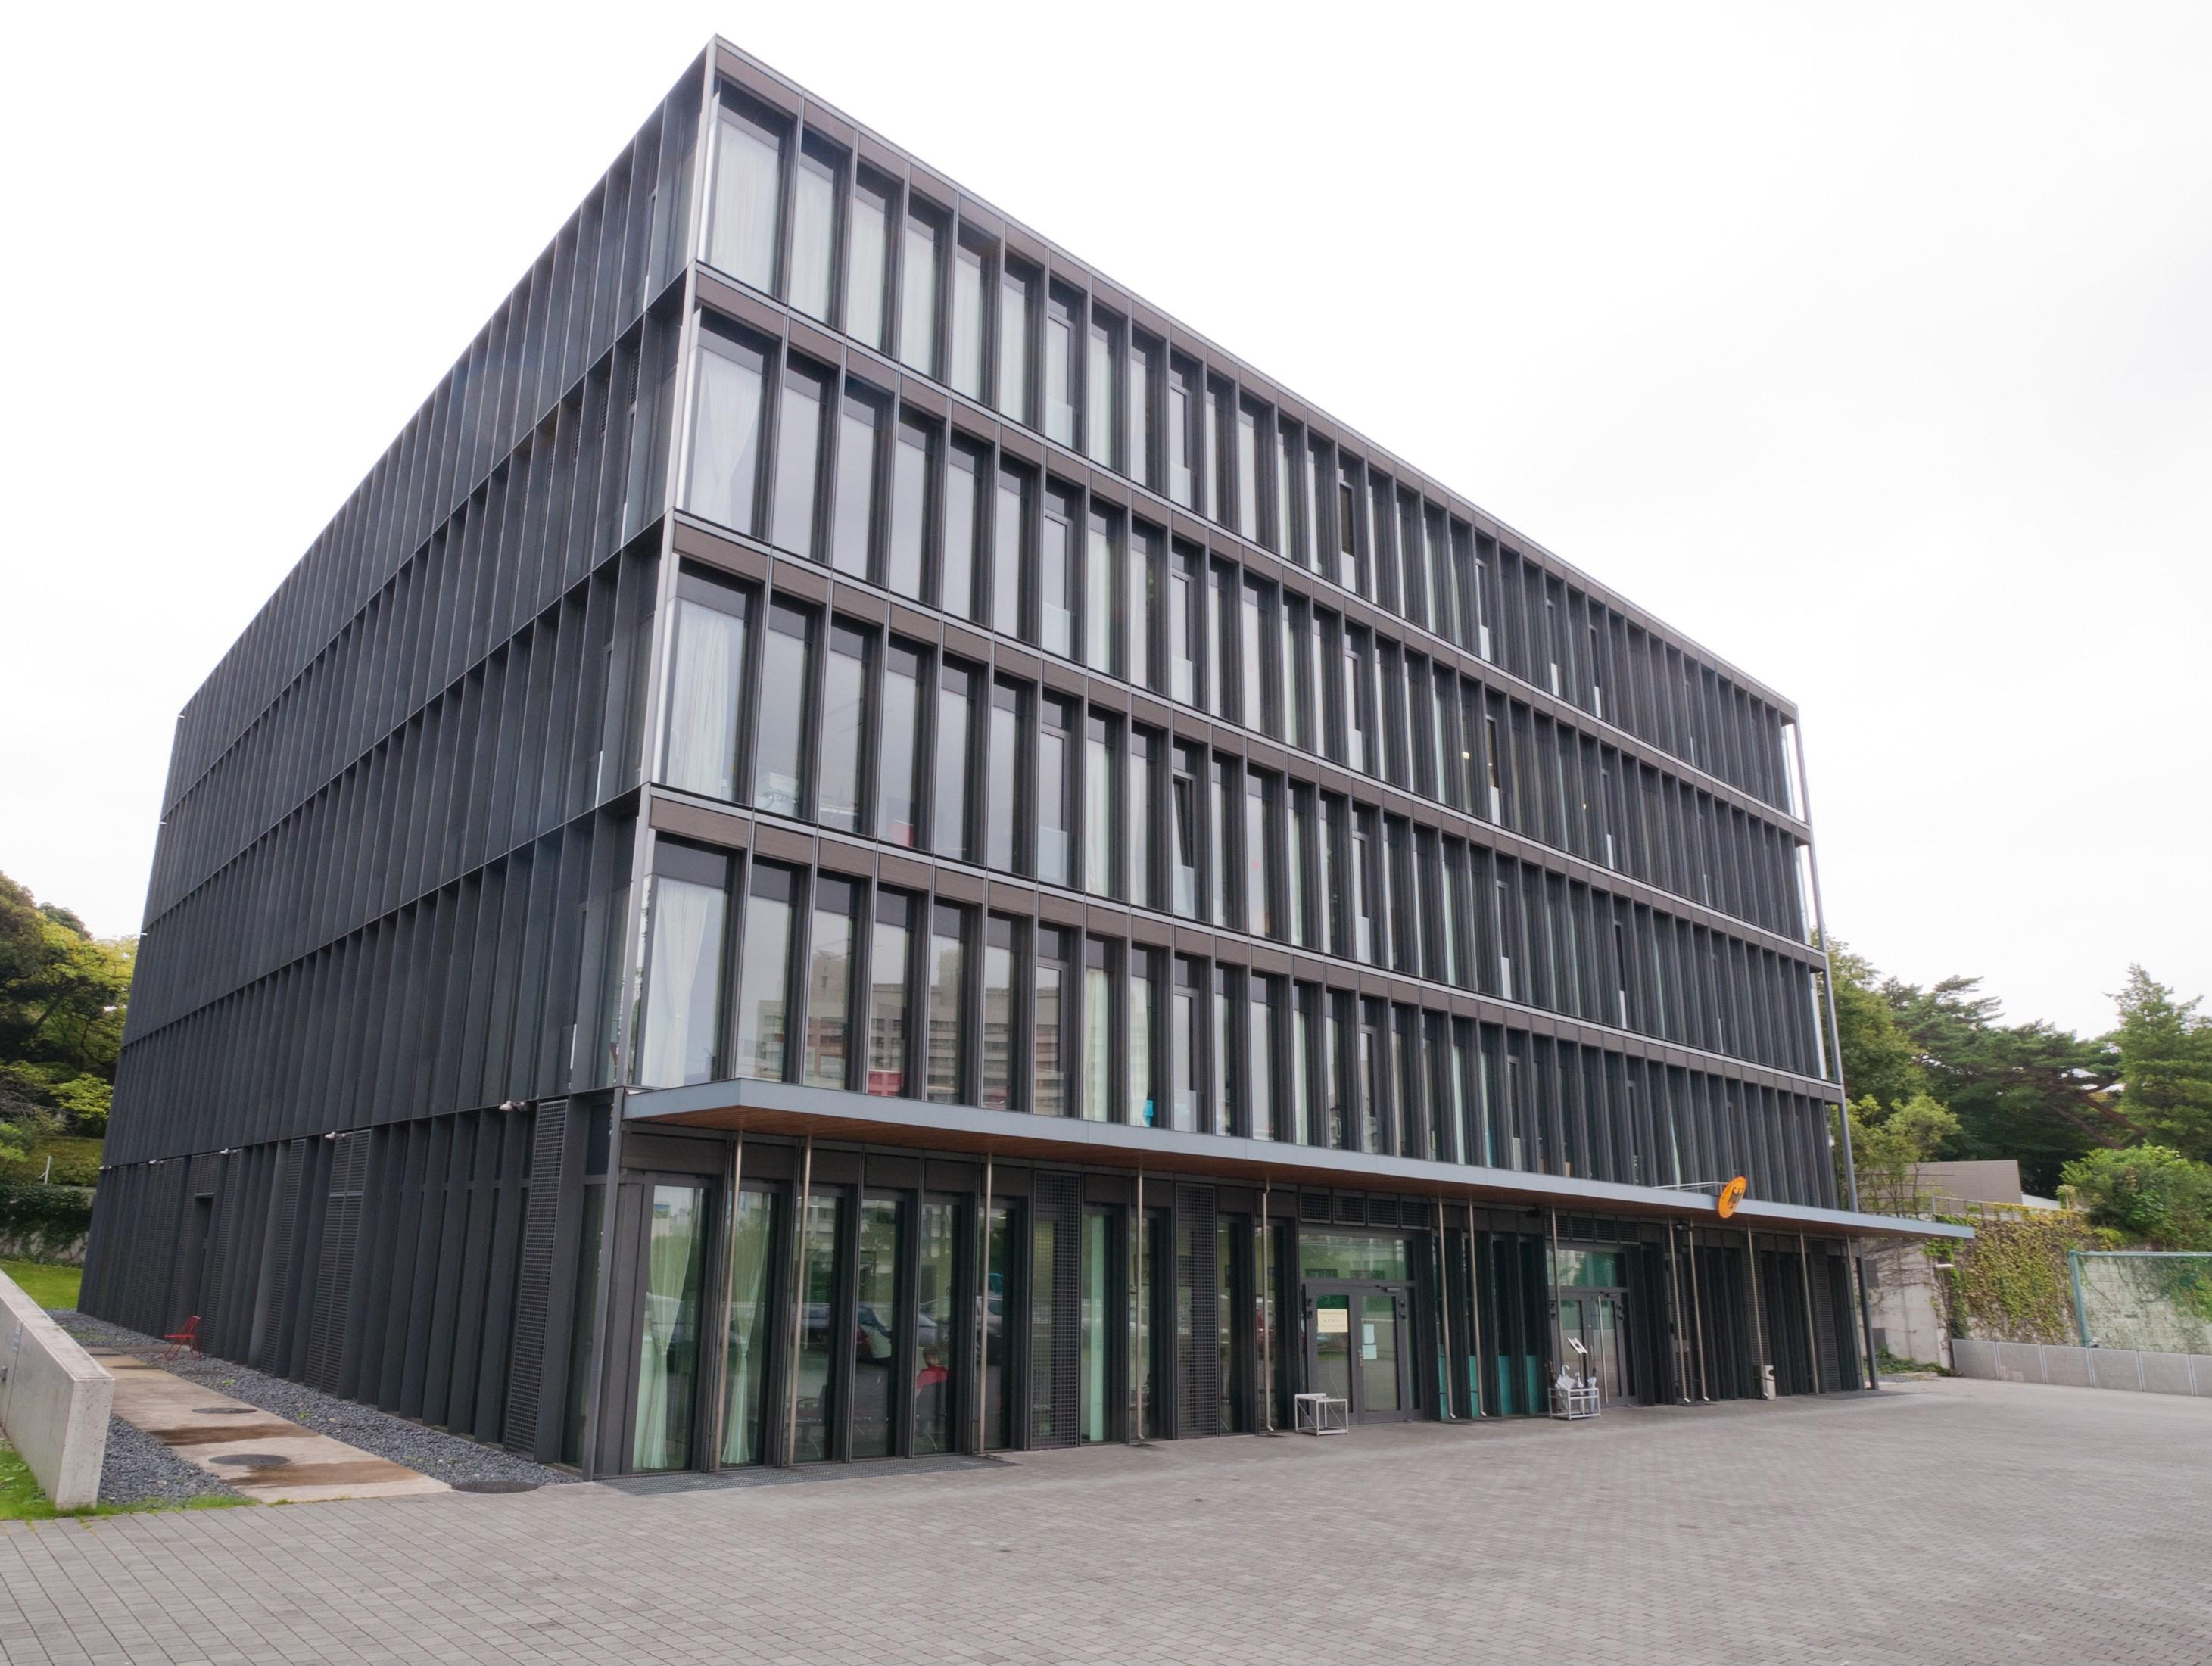 ドイツ 大使 館 ドイツ連邦共和国大使館・総領事館のホームページへようこそ!